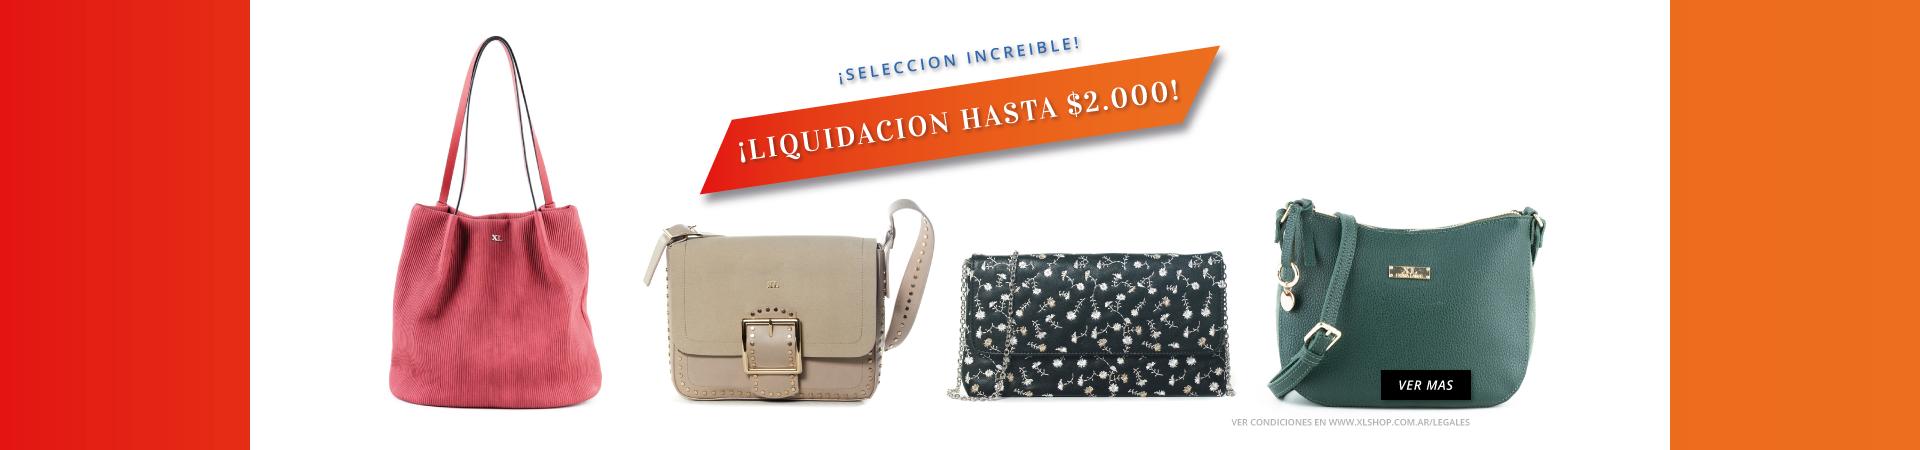 Liquidacion hasta $2000